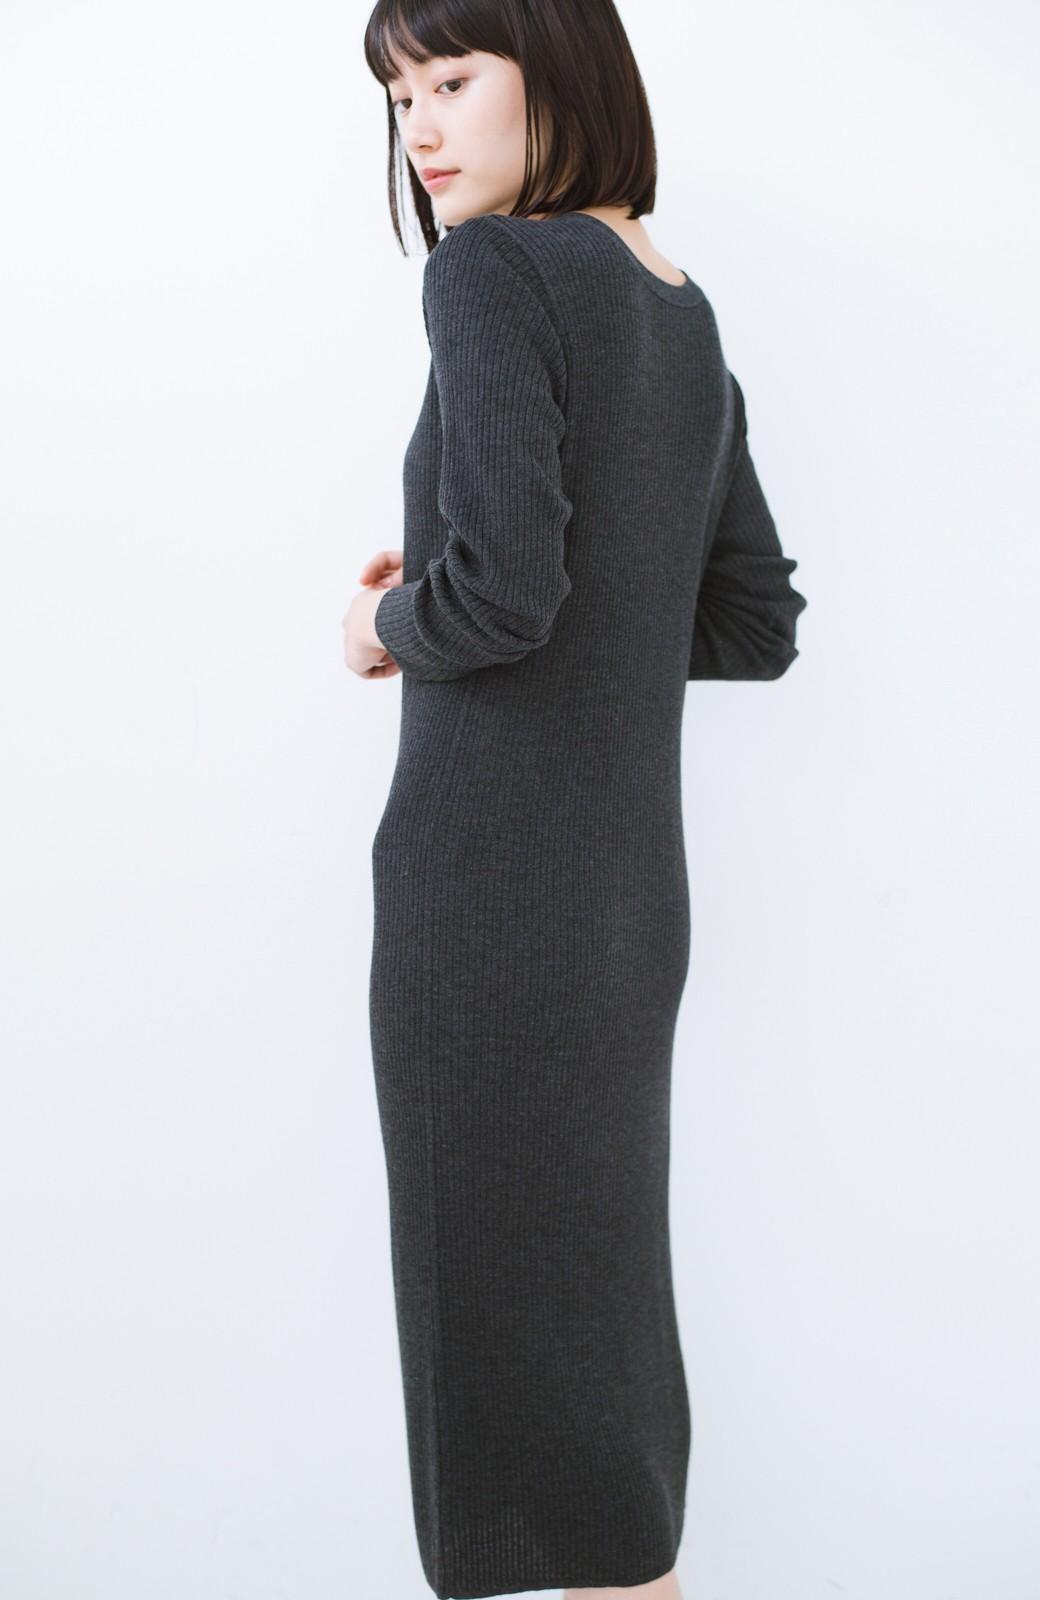 haco! 美シルエットがうれしい着方自由のオトナリブニットカーディガン by MAKORI <チャコールグレー>の商品写真14